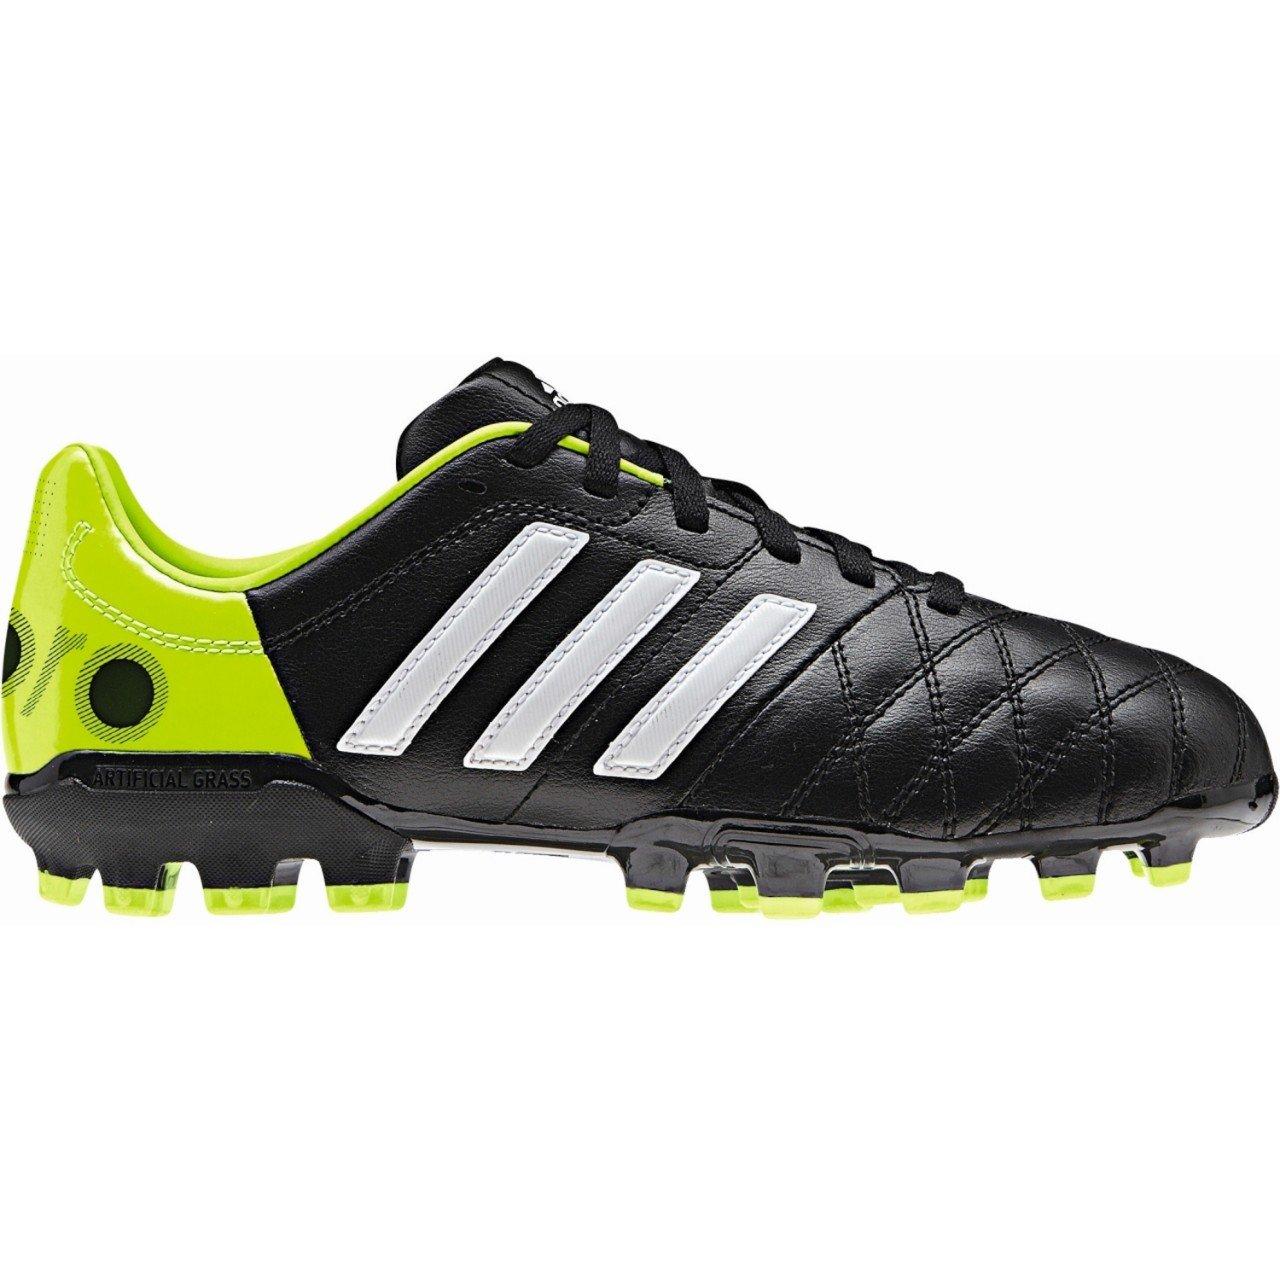 Adidas Schuhe Nockenschuhe 11 nova TRX AG Kinder Junior Kinder schwarz1 runwh, Größe Adidas 4